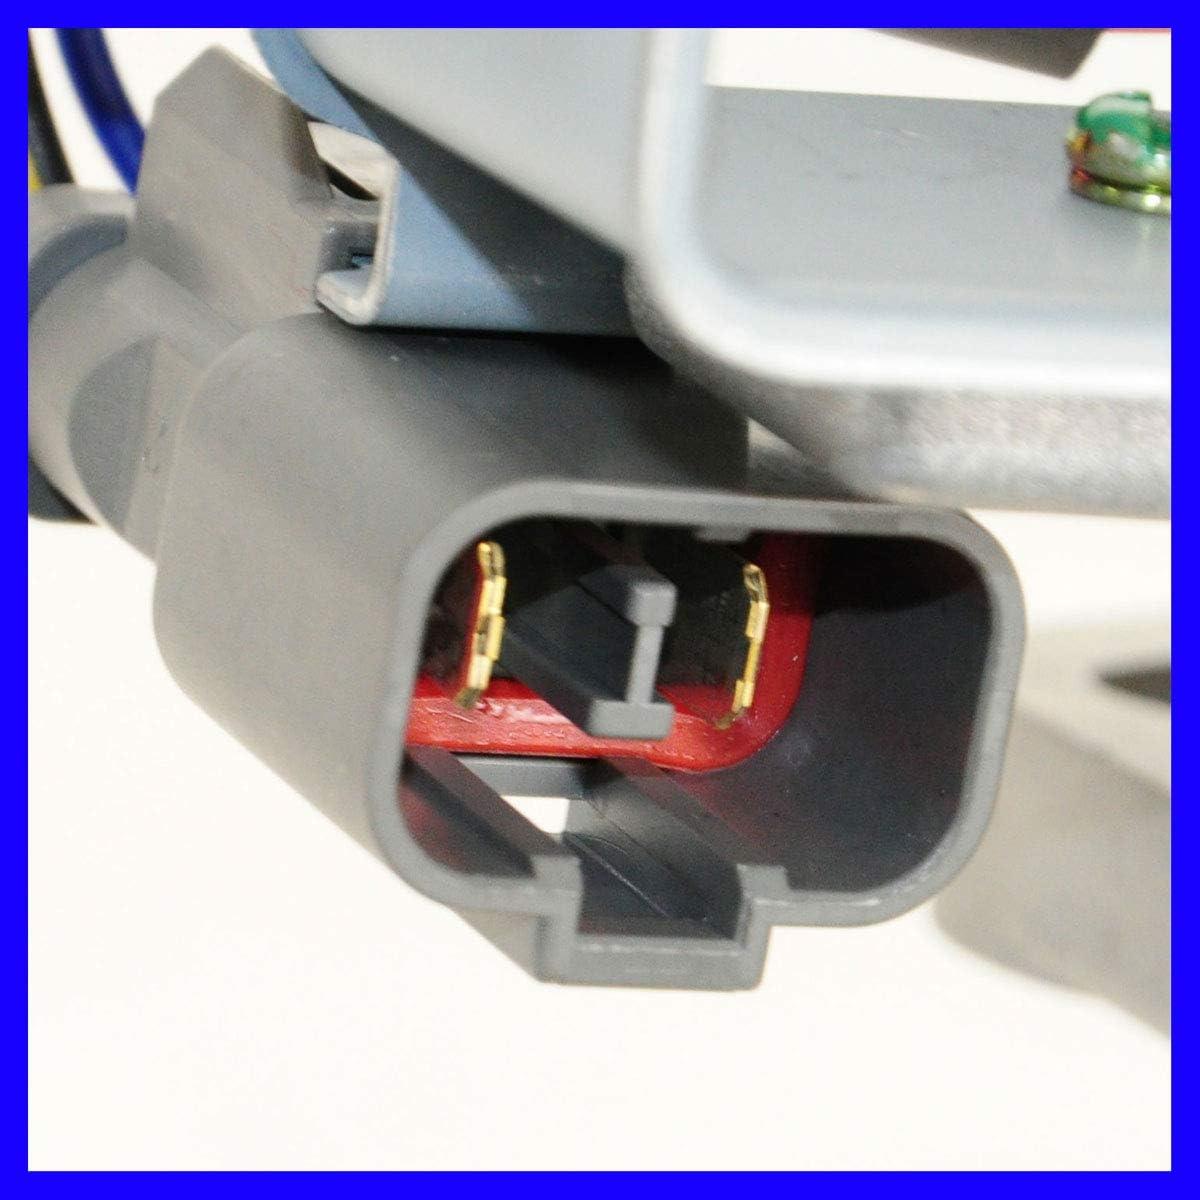 1A Auto Ignition Distributor for 94-95 Honda Accord EX L4 2.2L